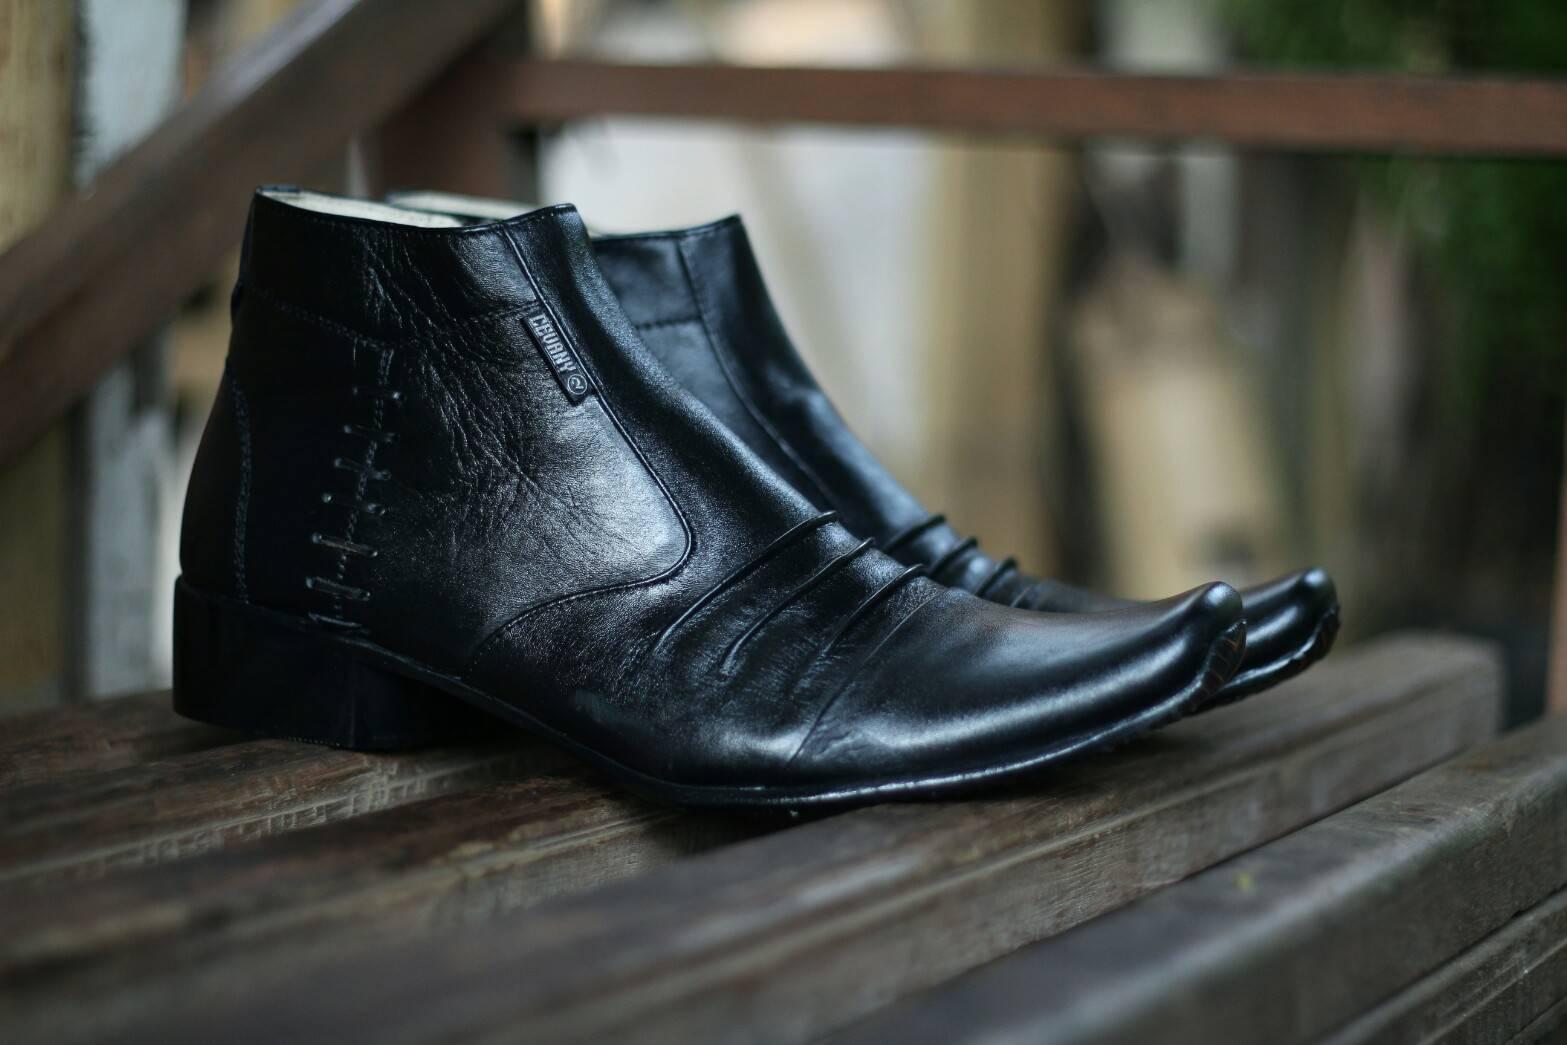 Sepatu Pantofel Pria 100% Kulit Sapi Premium untuk Kantor Kerja Pesta Cevany - Kickers - Crocodile Sepatu Kulit Pria Pantofel Formal Kerja Kantor  Sepatu Formal Pantofel Pria